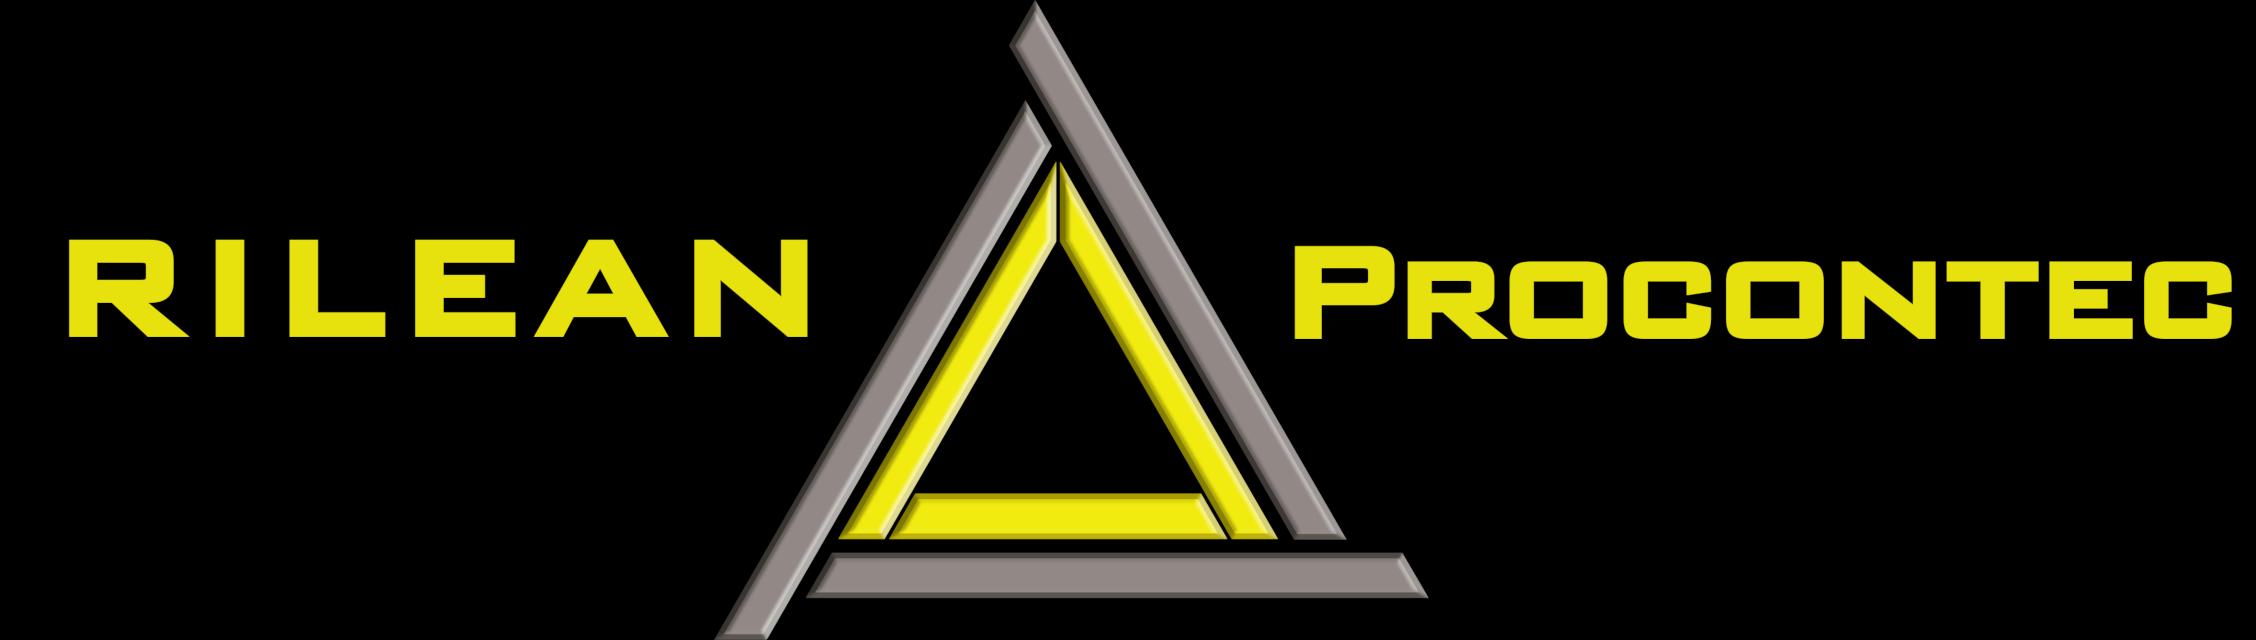 Rilean ProContec